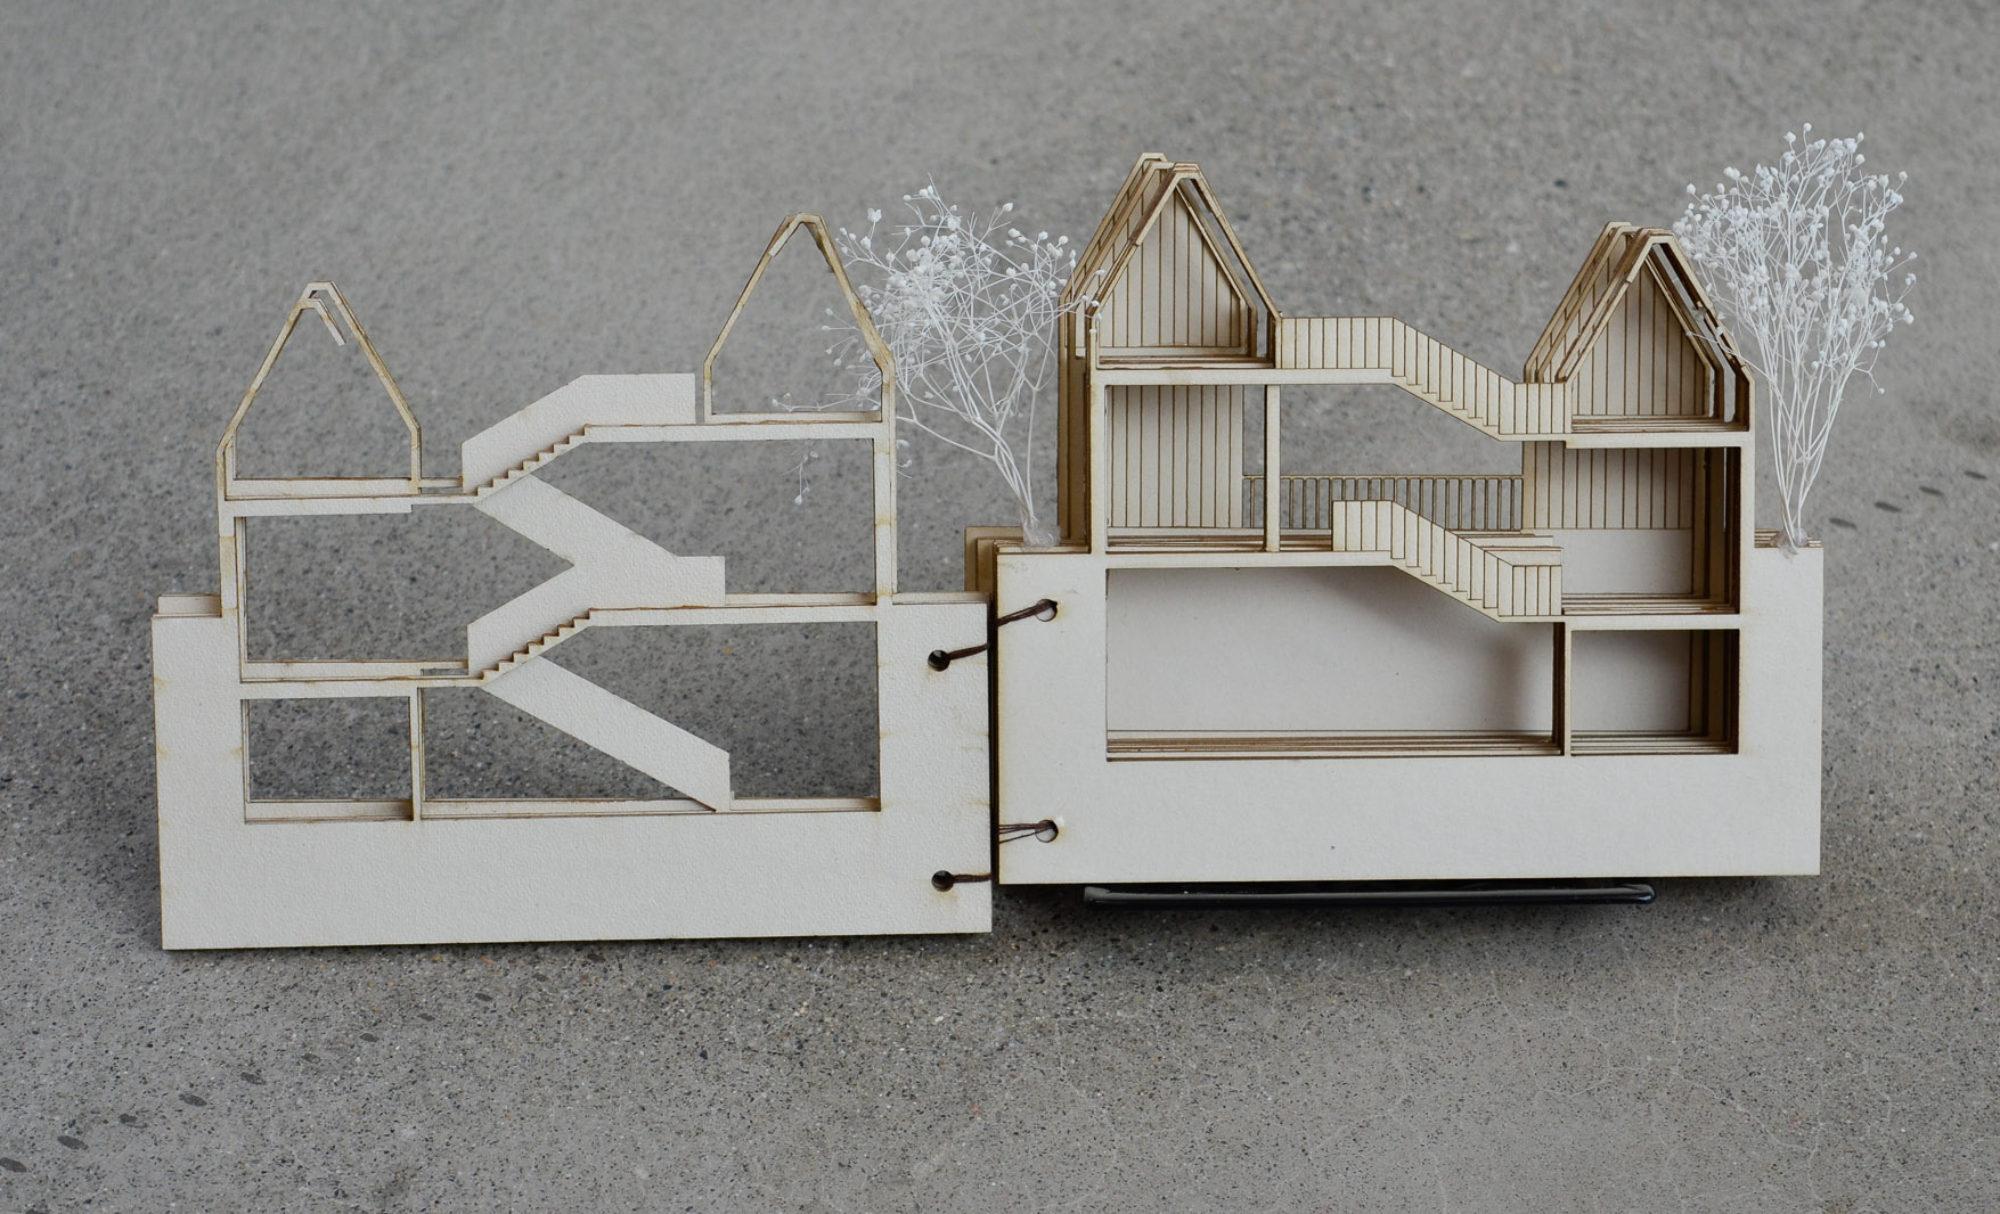 Designing with 3D CAD & BIM